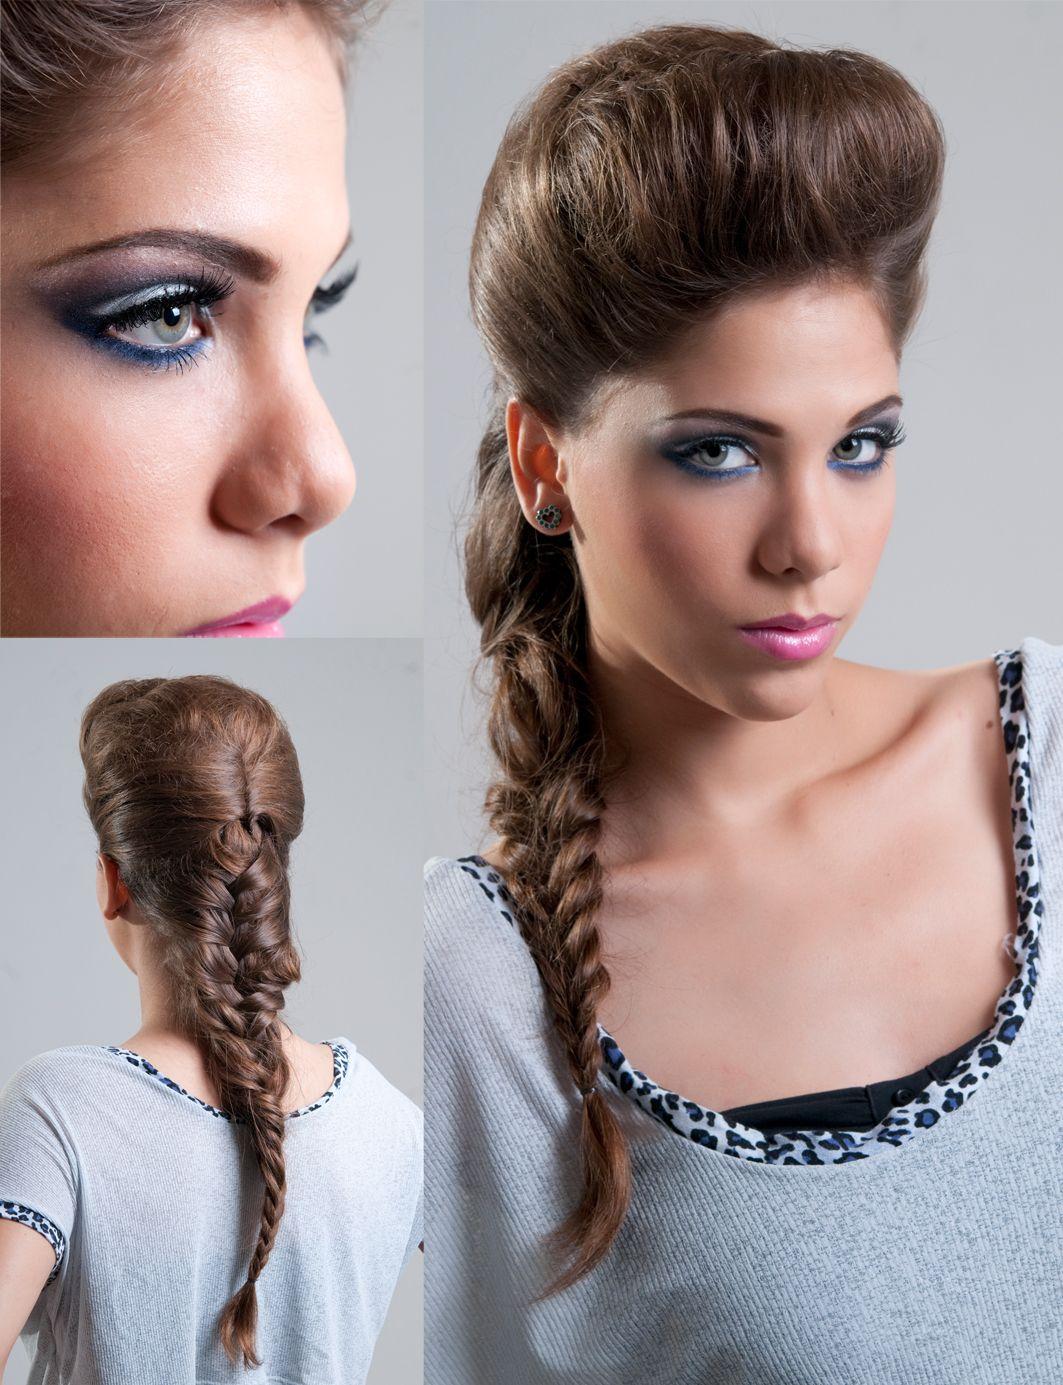 Más notable peinados bellos Colección De Cortes De Pelo Tutoriales - Un peinado bello por adelante y por detrás. El maquillaje ...